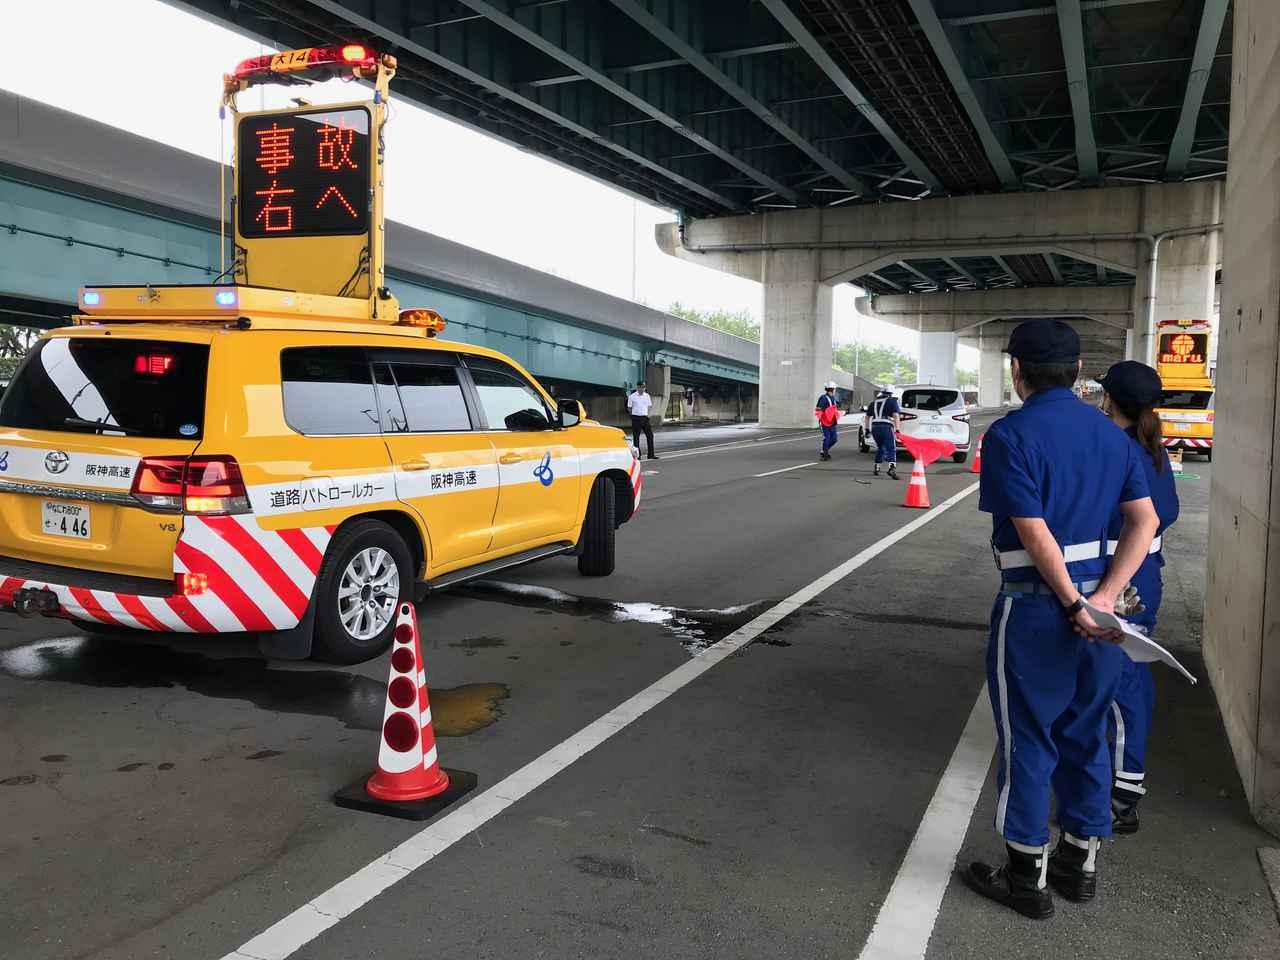 画像4: 10月28日水曜日 阪神高速maruごとハイウェイ!